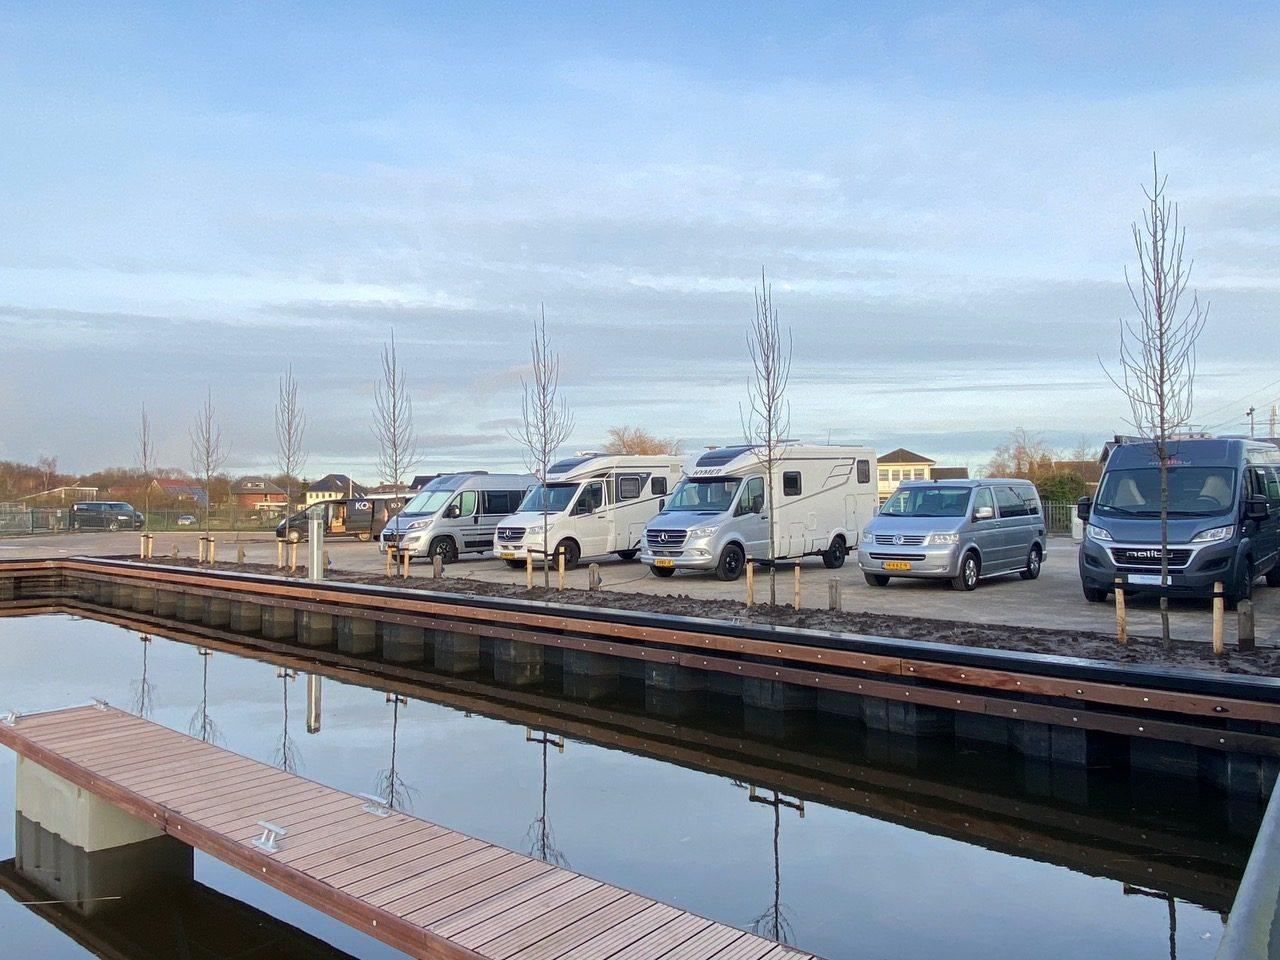 Camperplaats Leeuwarden weer open na verbouwing